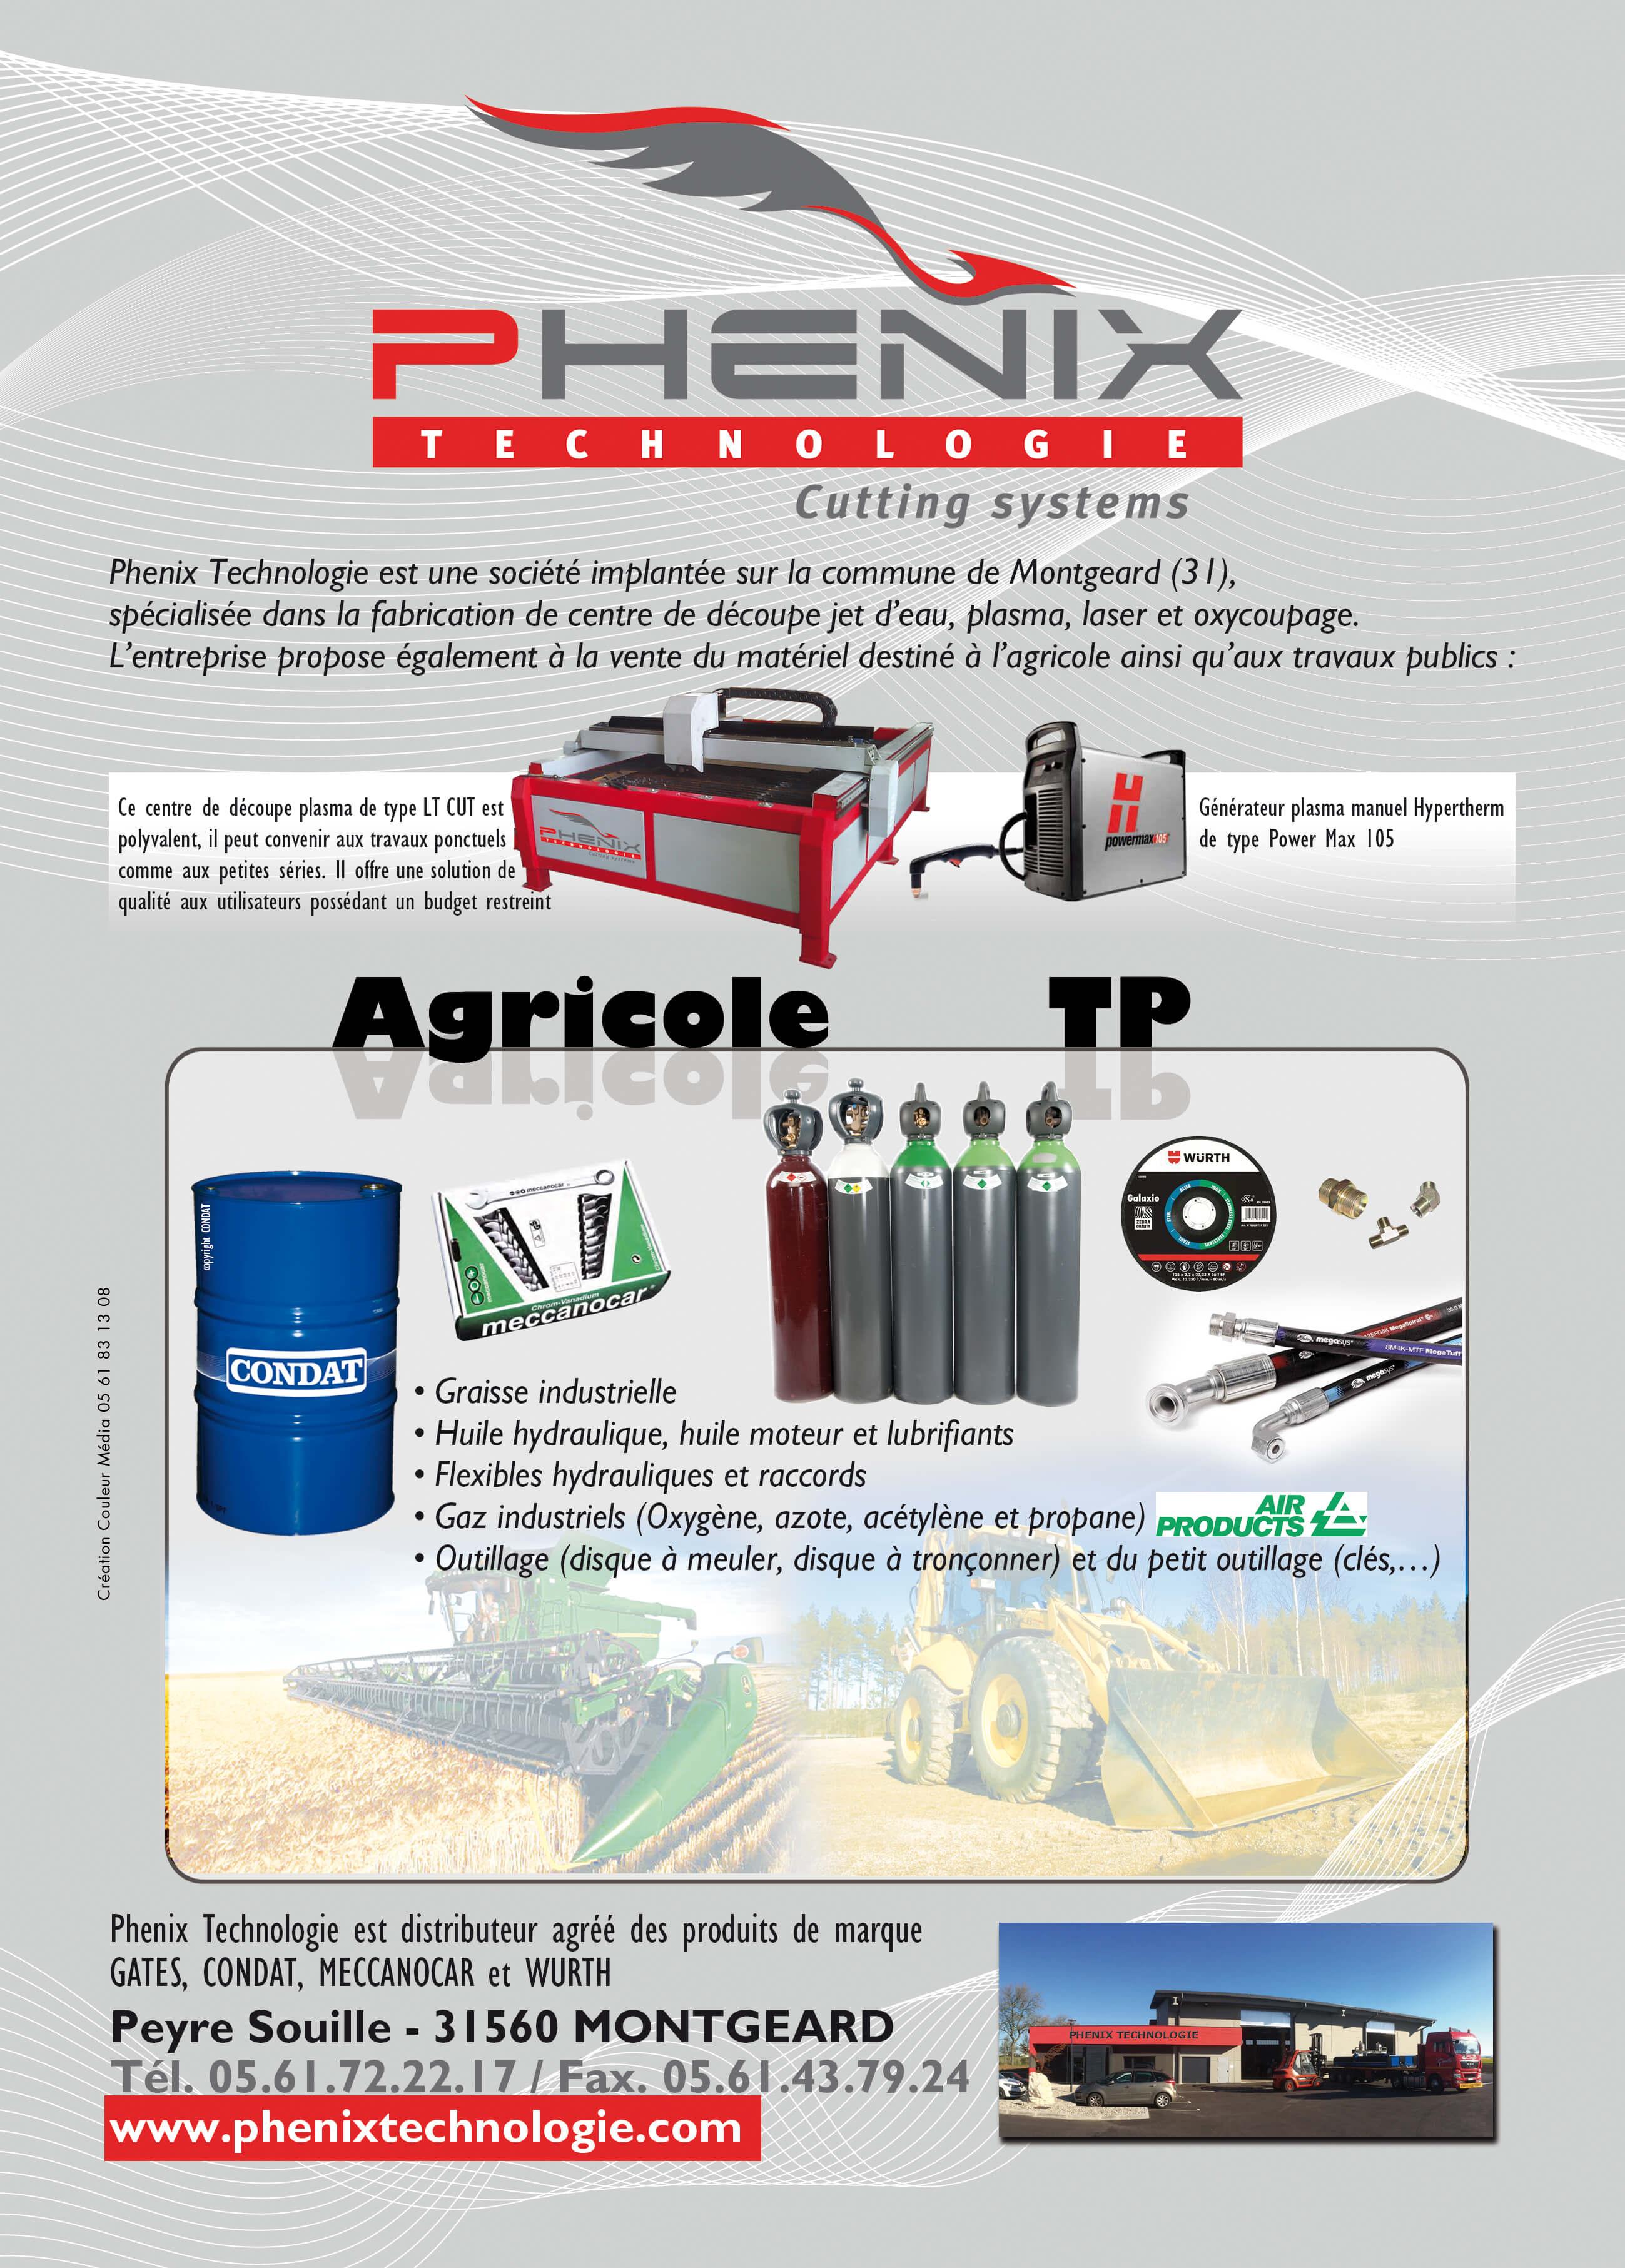 PHENIX TECHNOLOGIE CL175 - Article paru dans Couleur Lauragais